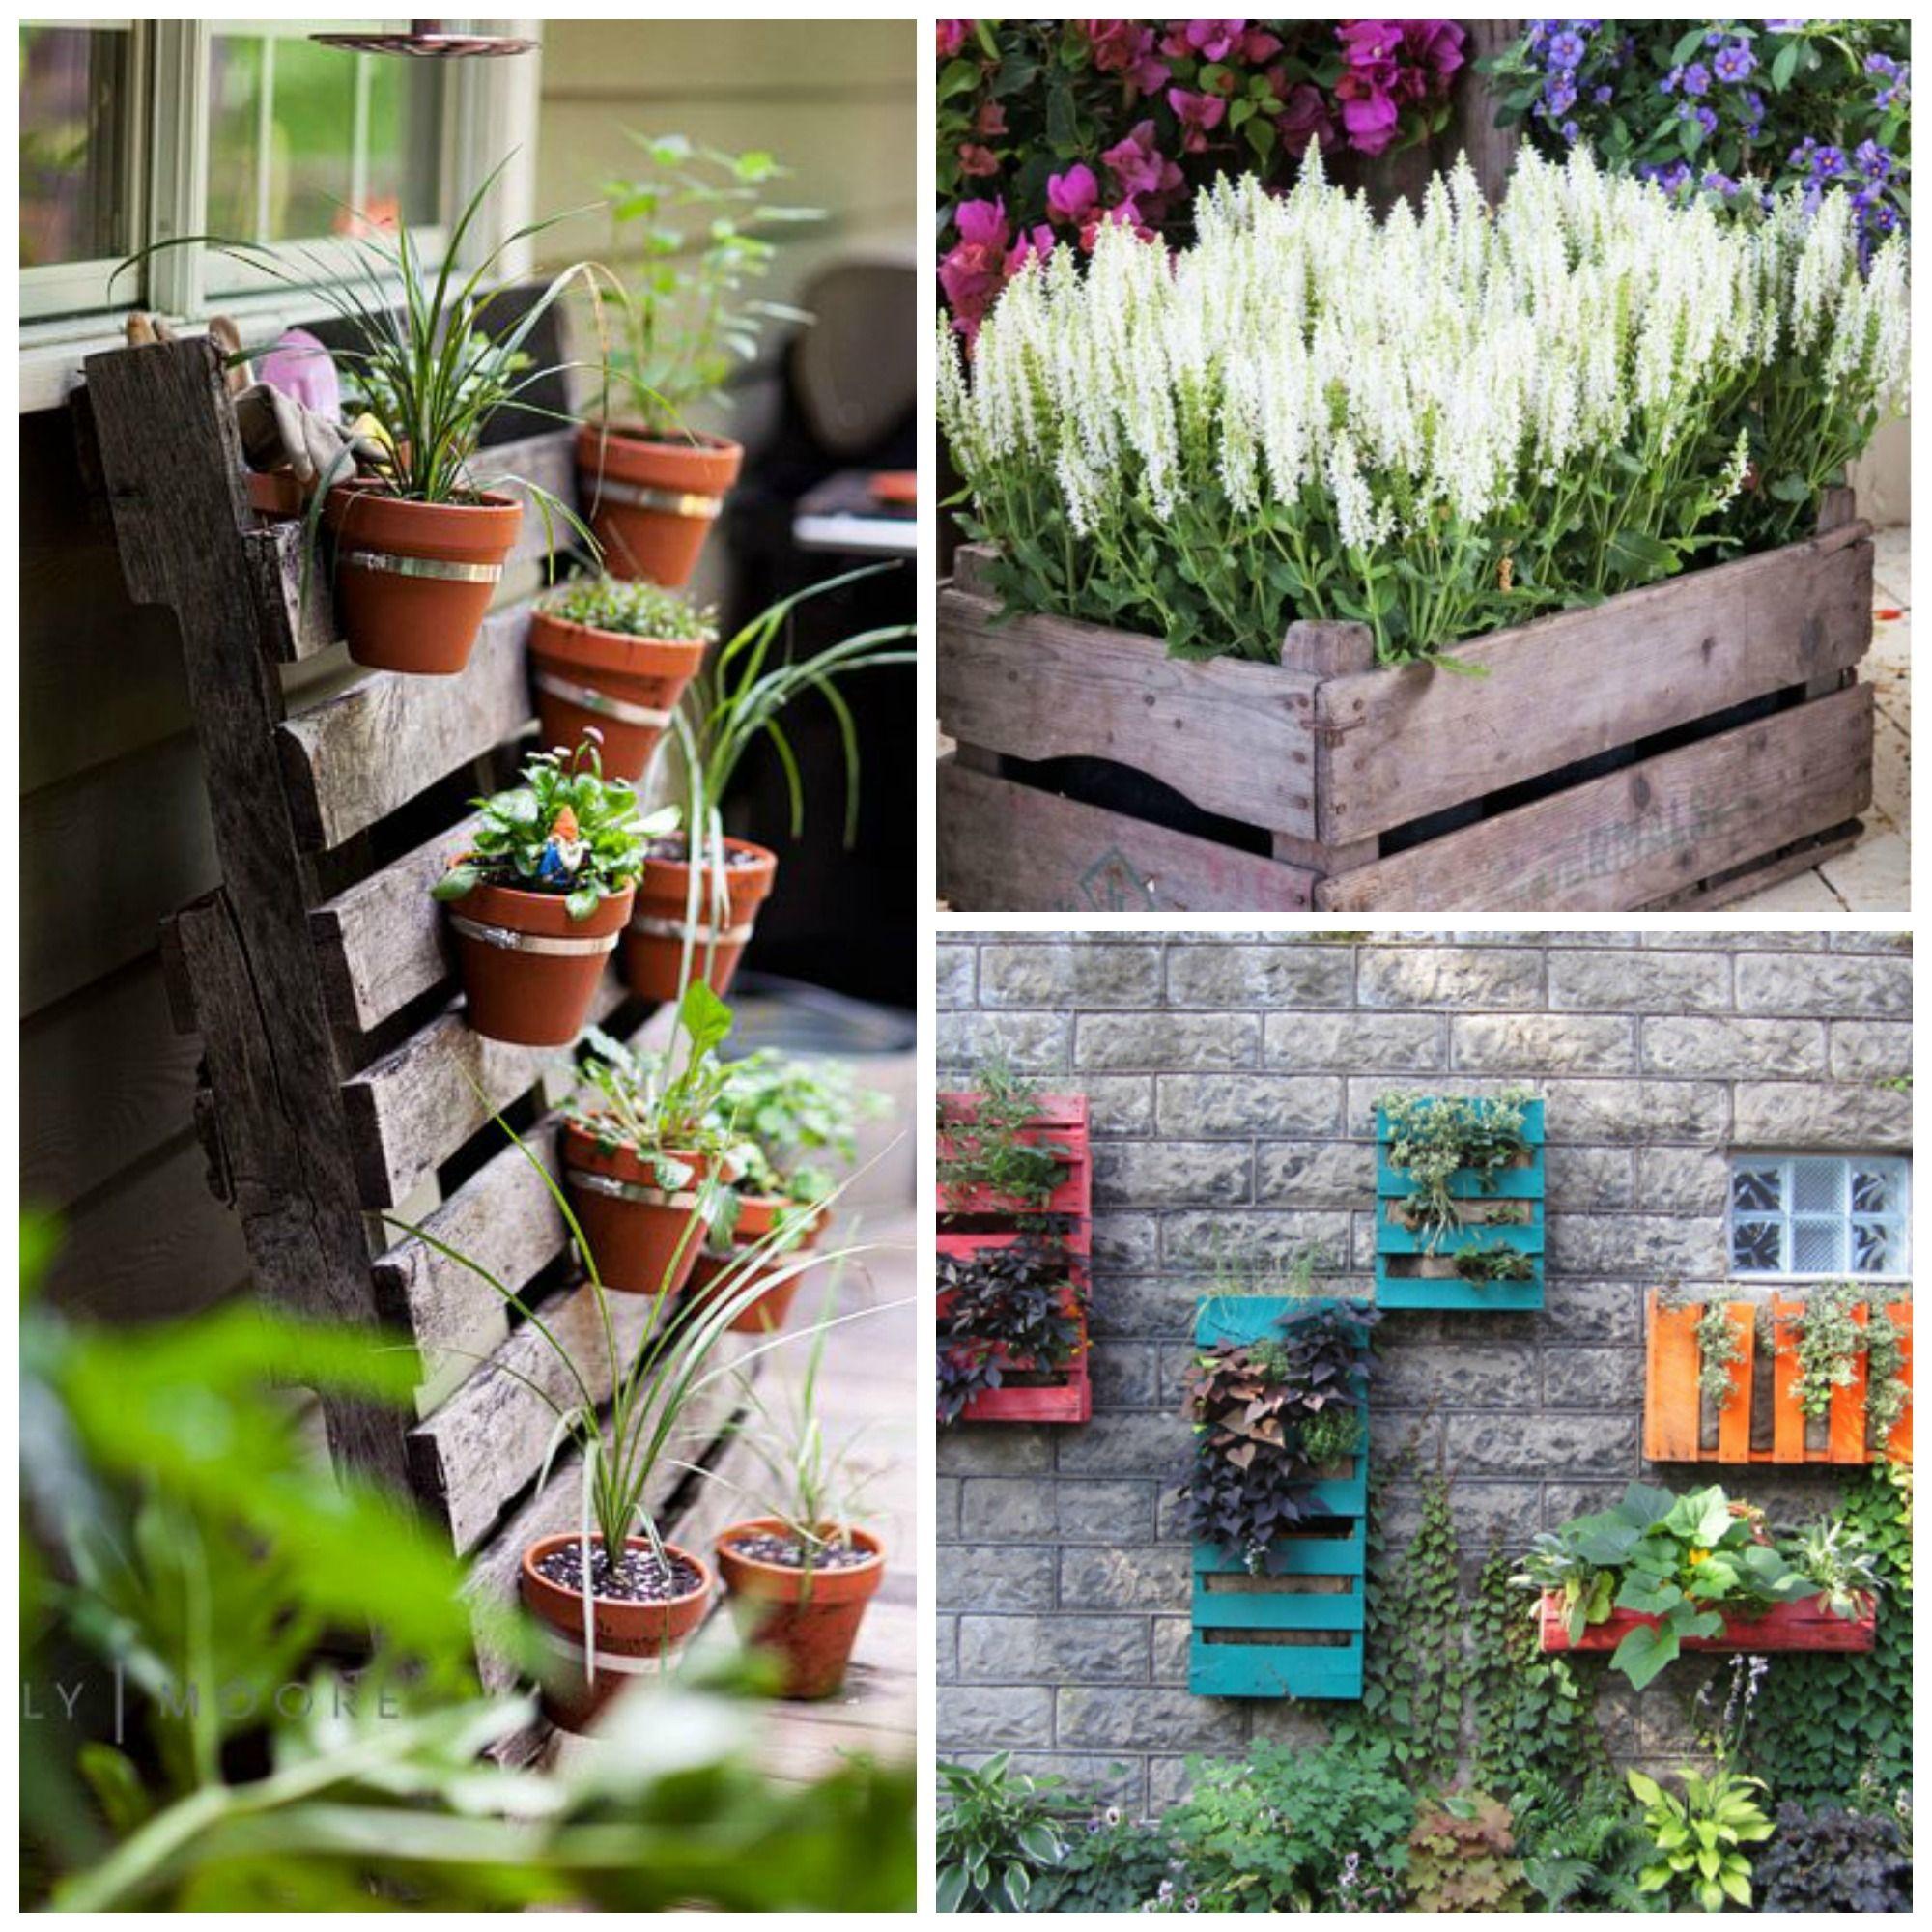 Fioriere da balcone come valorizzare piante e fiori in for Fioriere fai da te